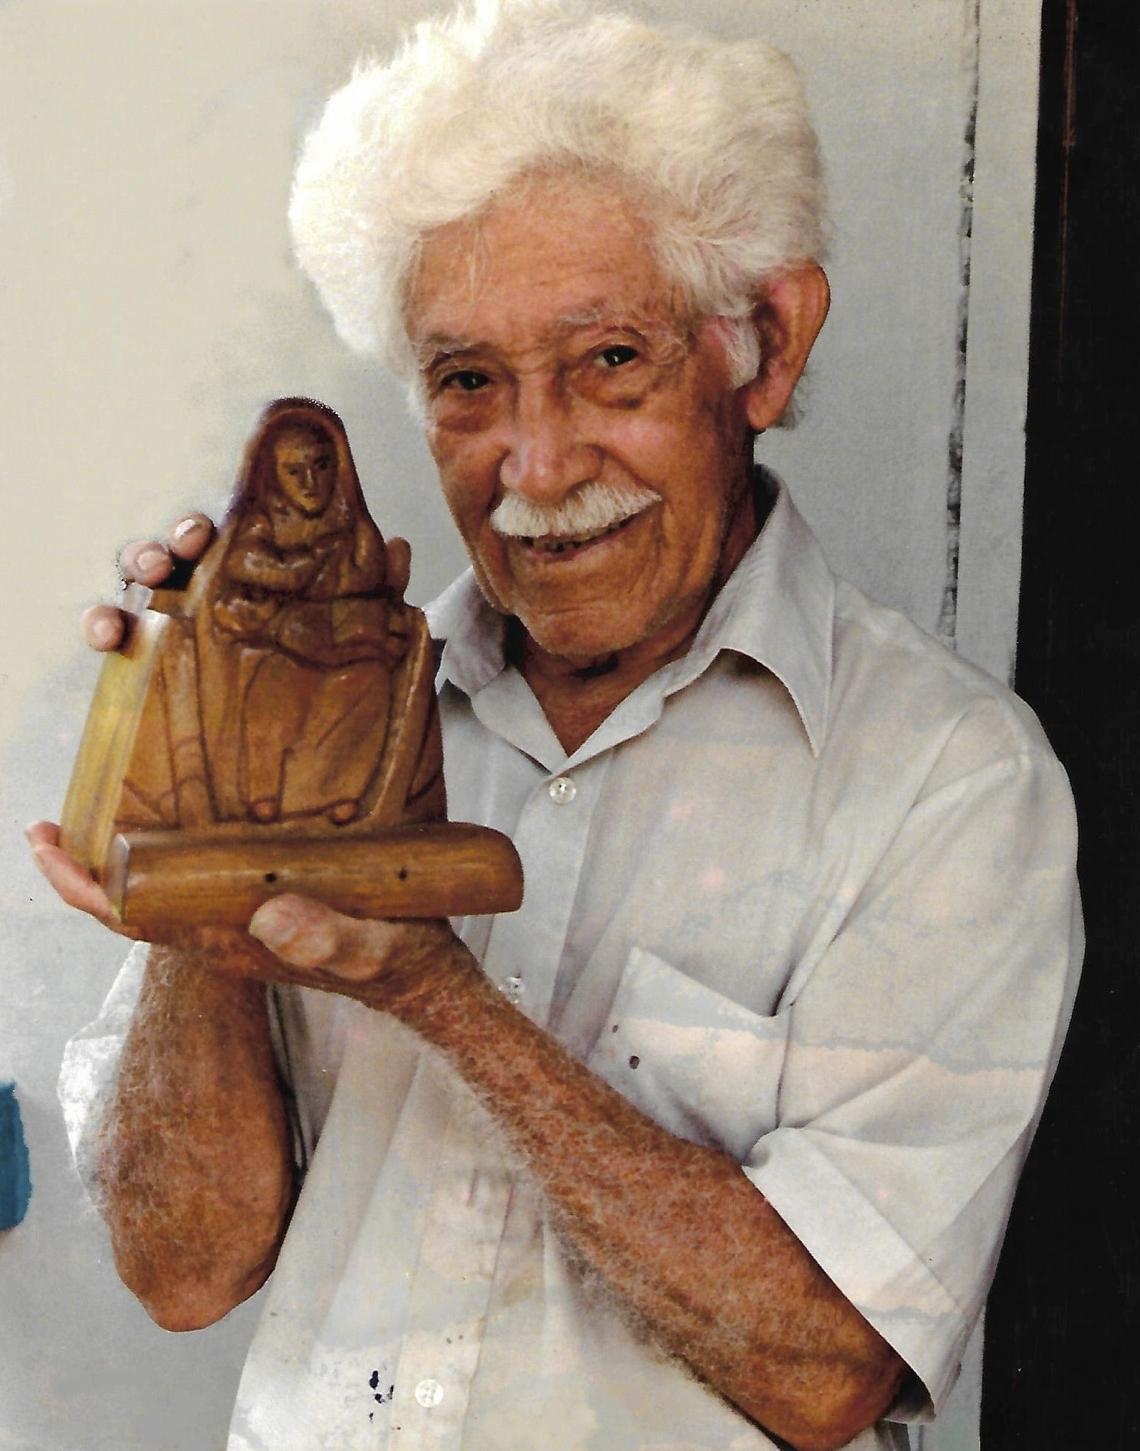 Santero Ceferino Calderón Albaladejo. Photo: Hector Puig.